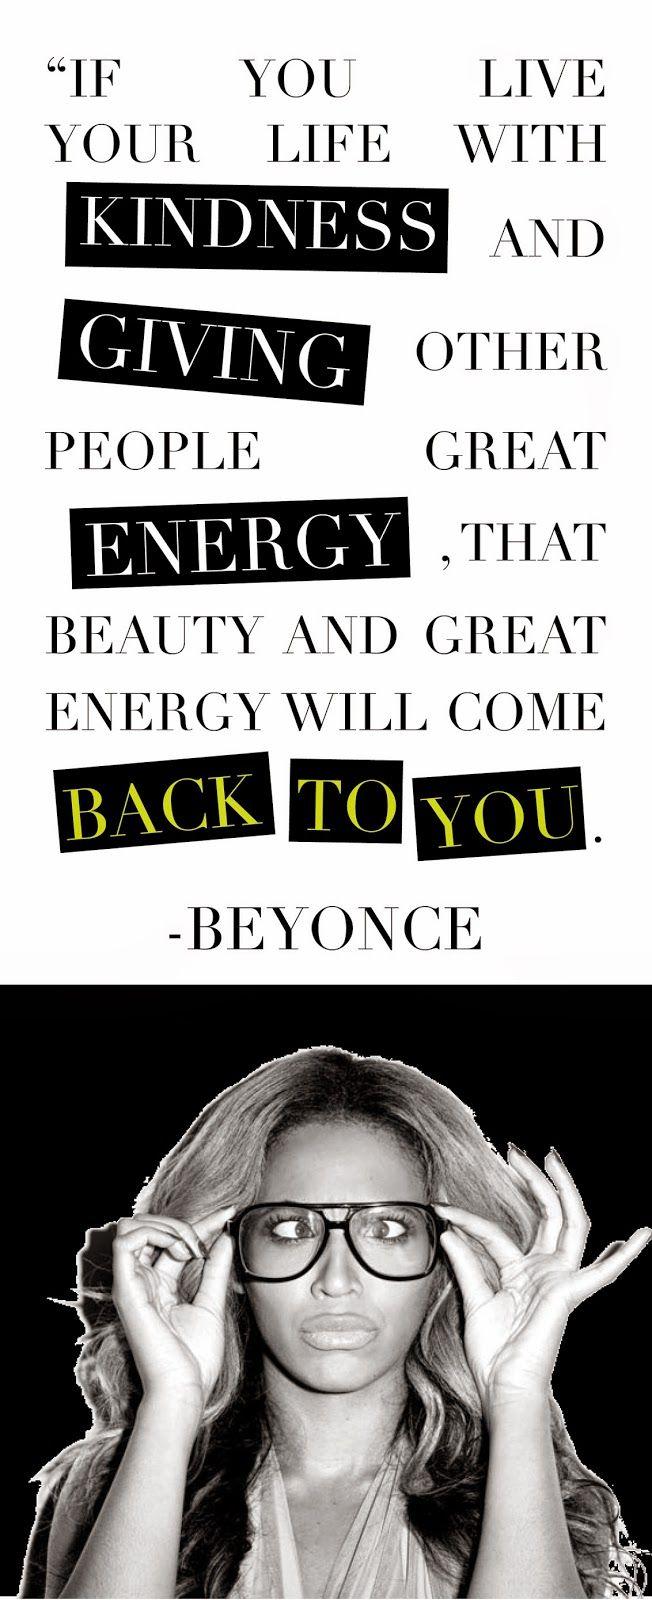 Description. Beyonce Quote